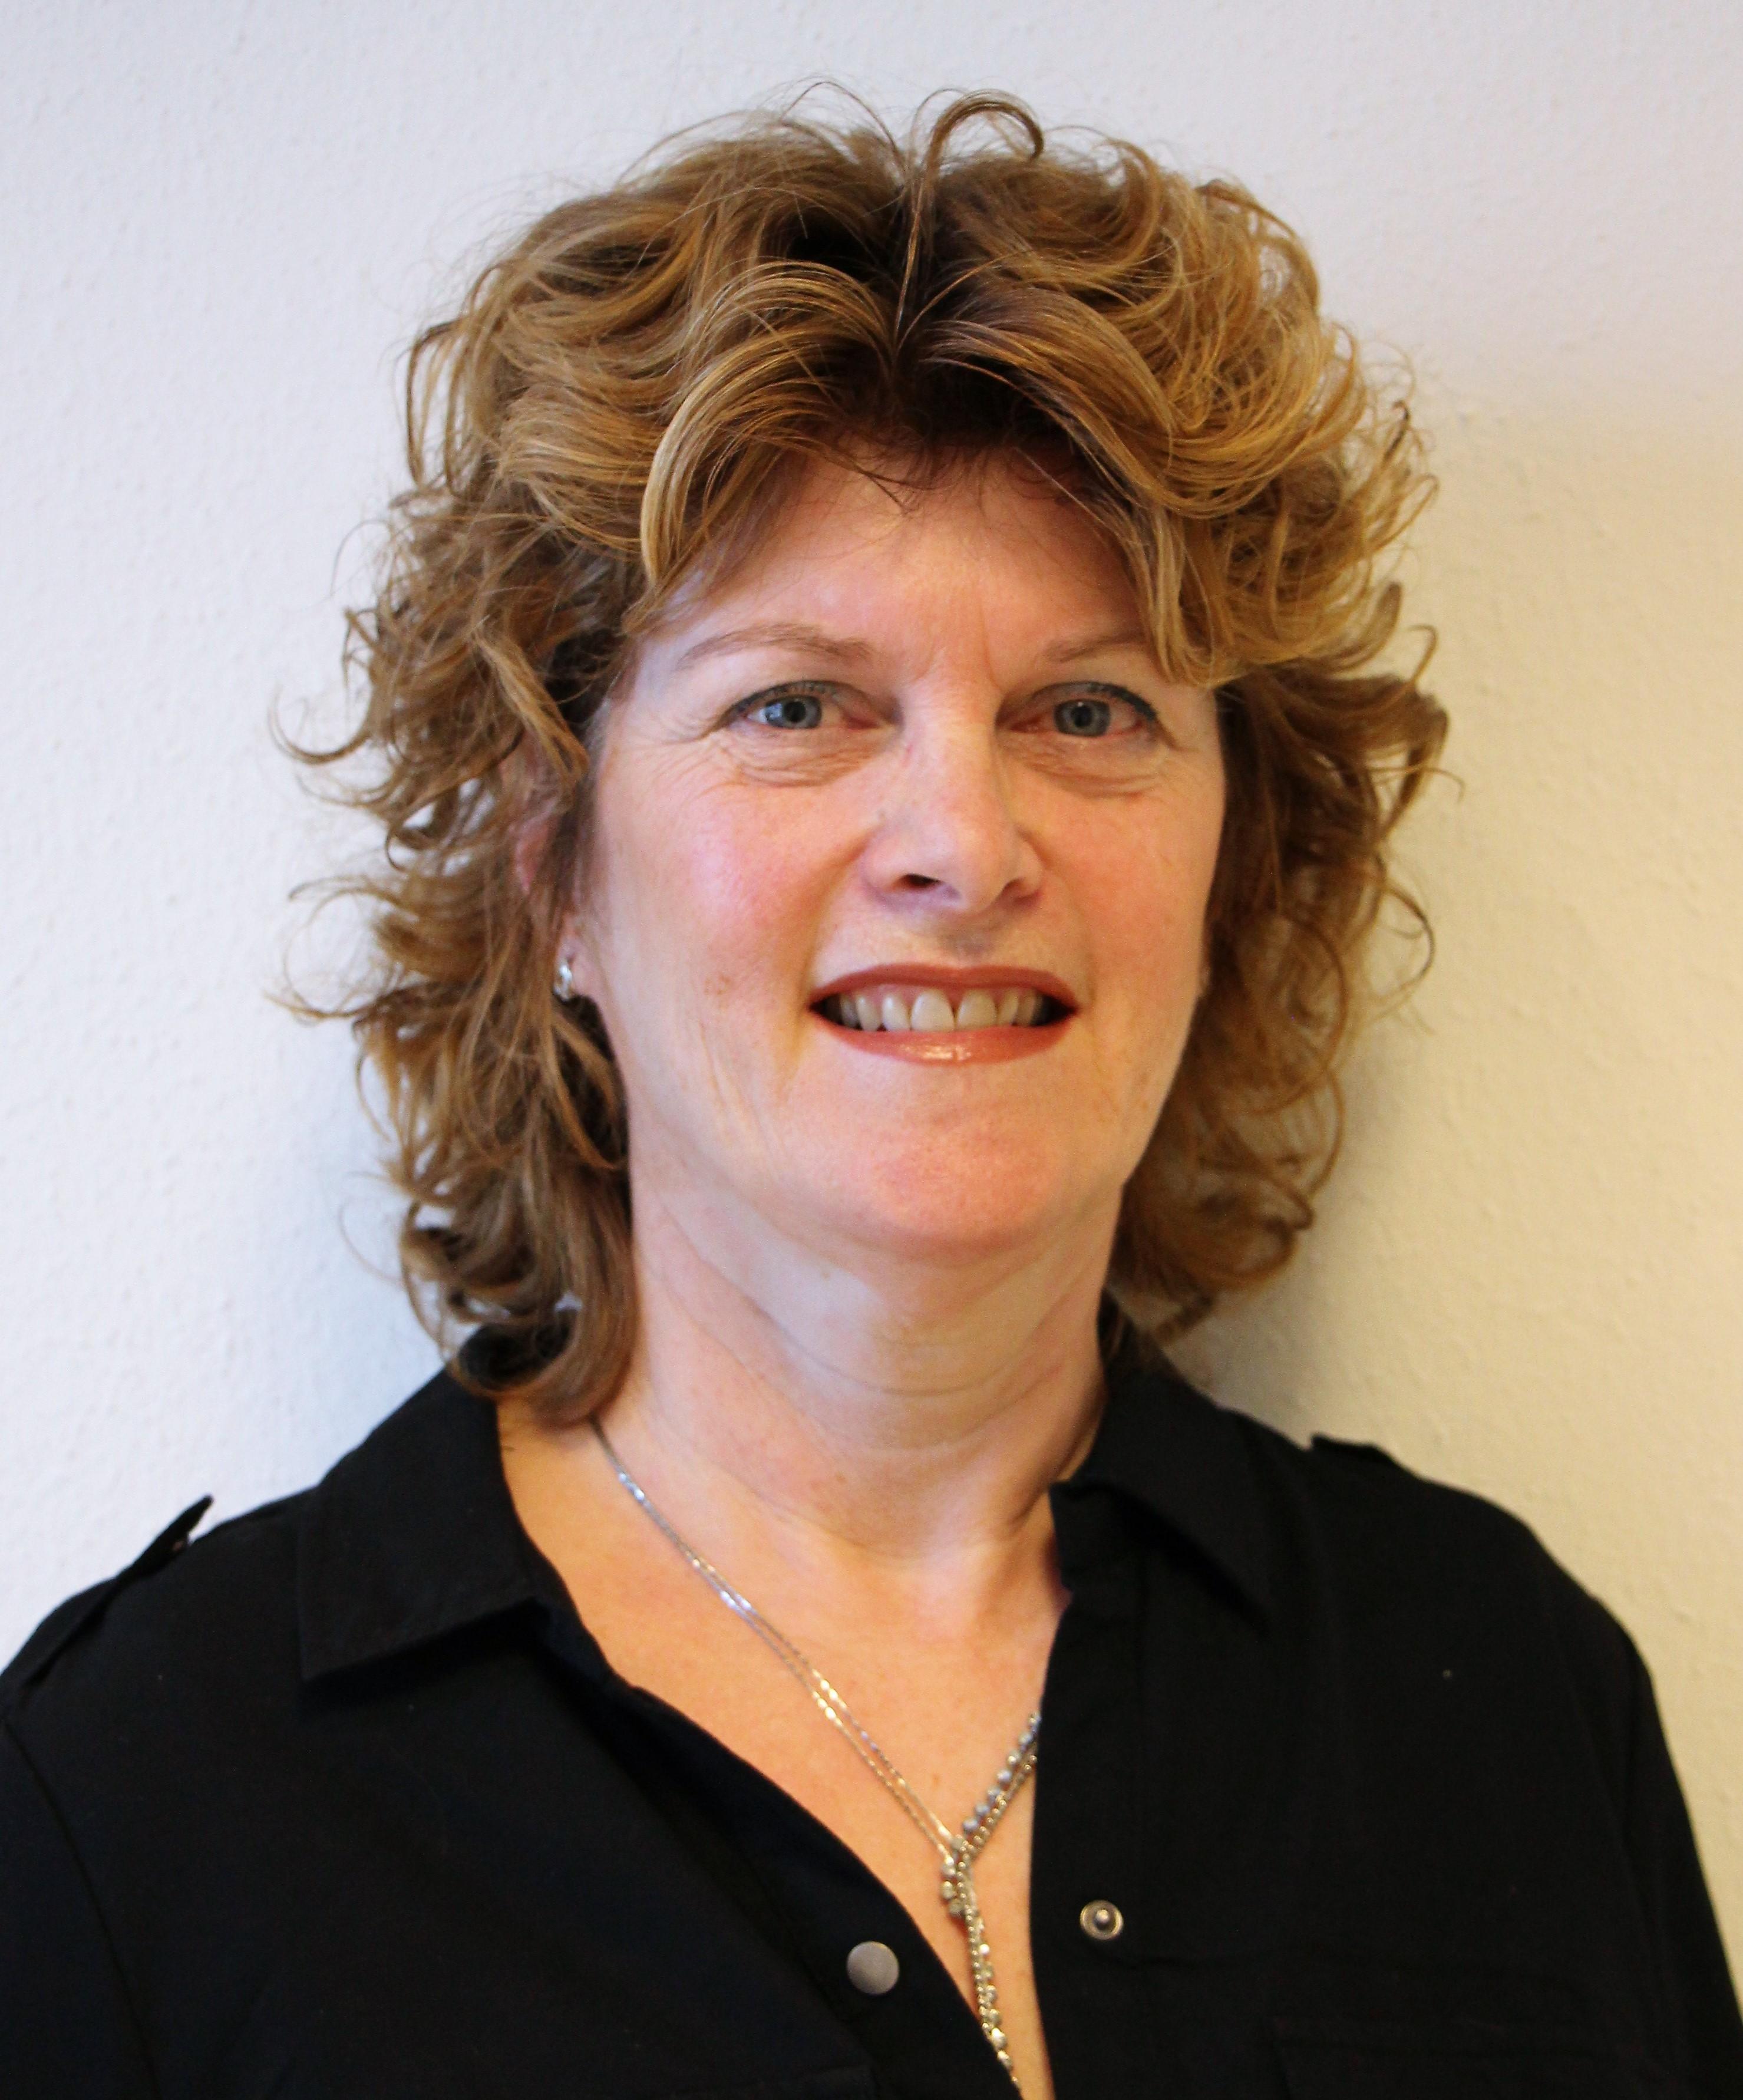 Agnes - Kapper bij HairStylingStore Meerkerk